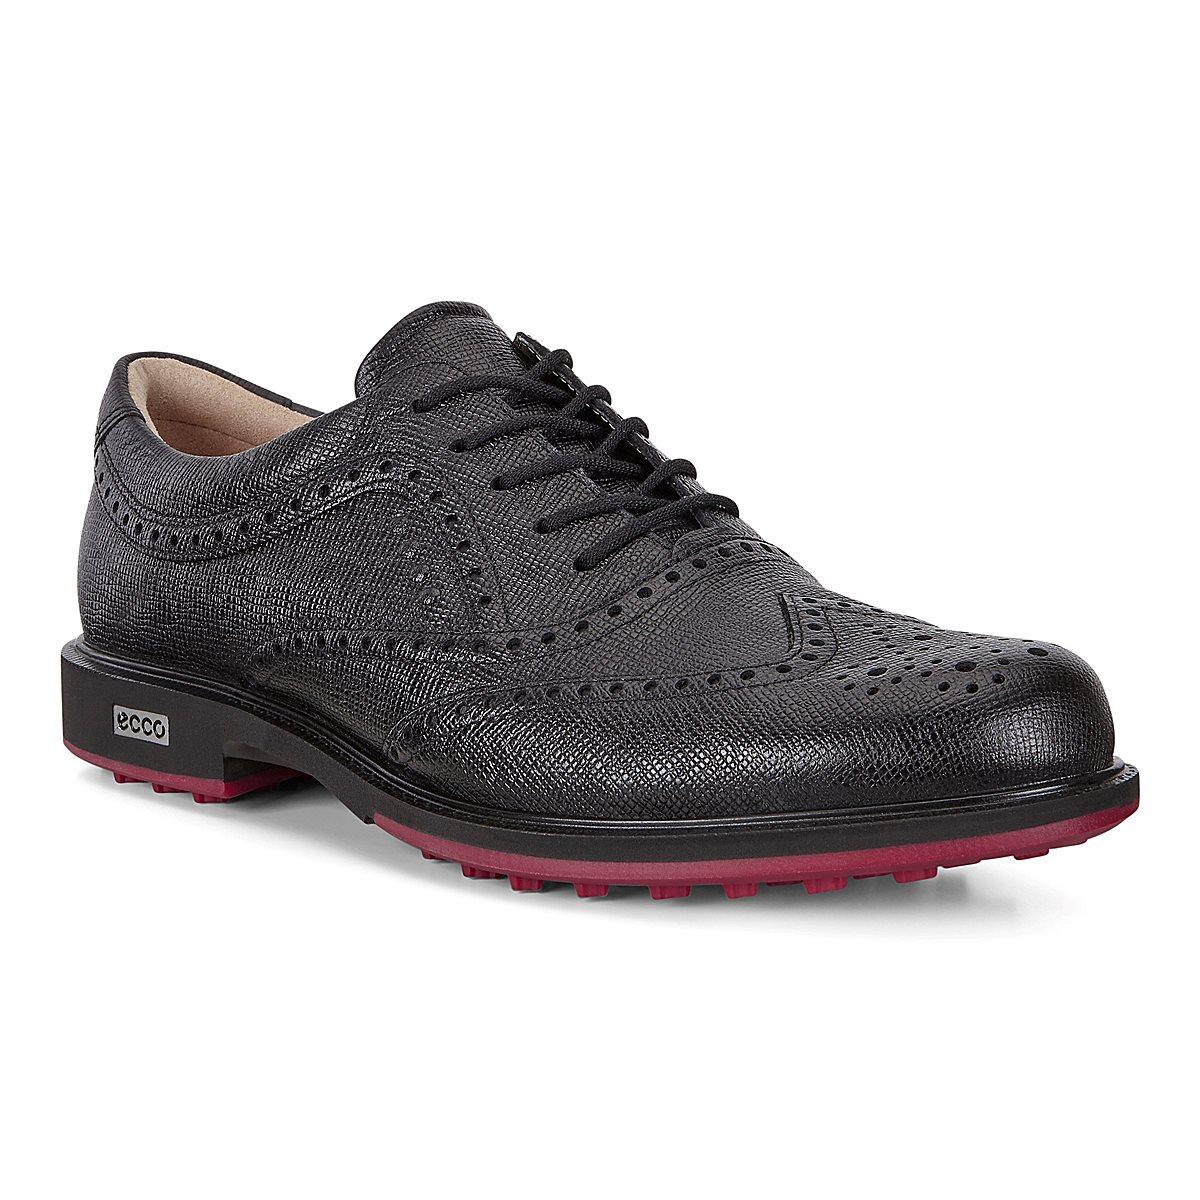 Giày golf nam Ecco Tour Hybrid 3 phiên bản